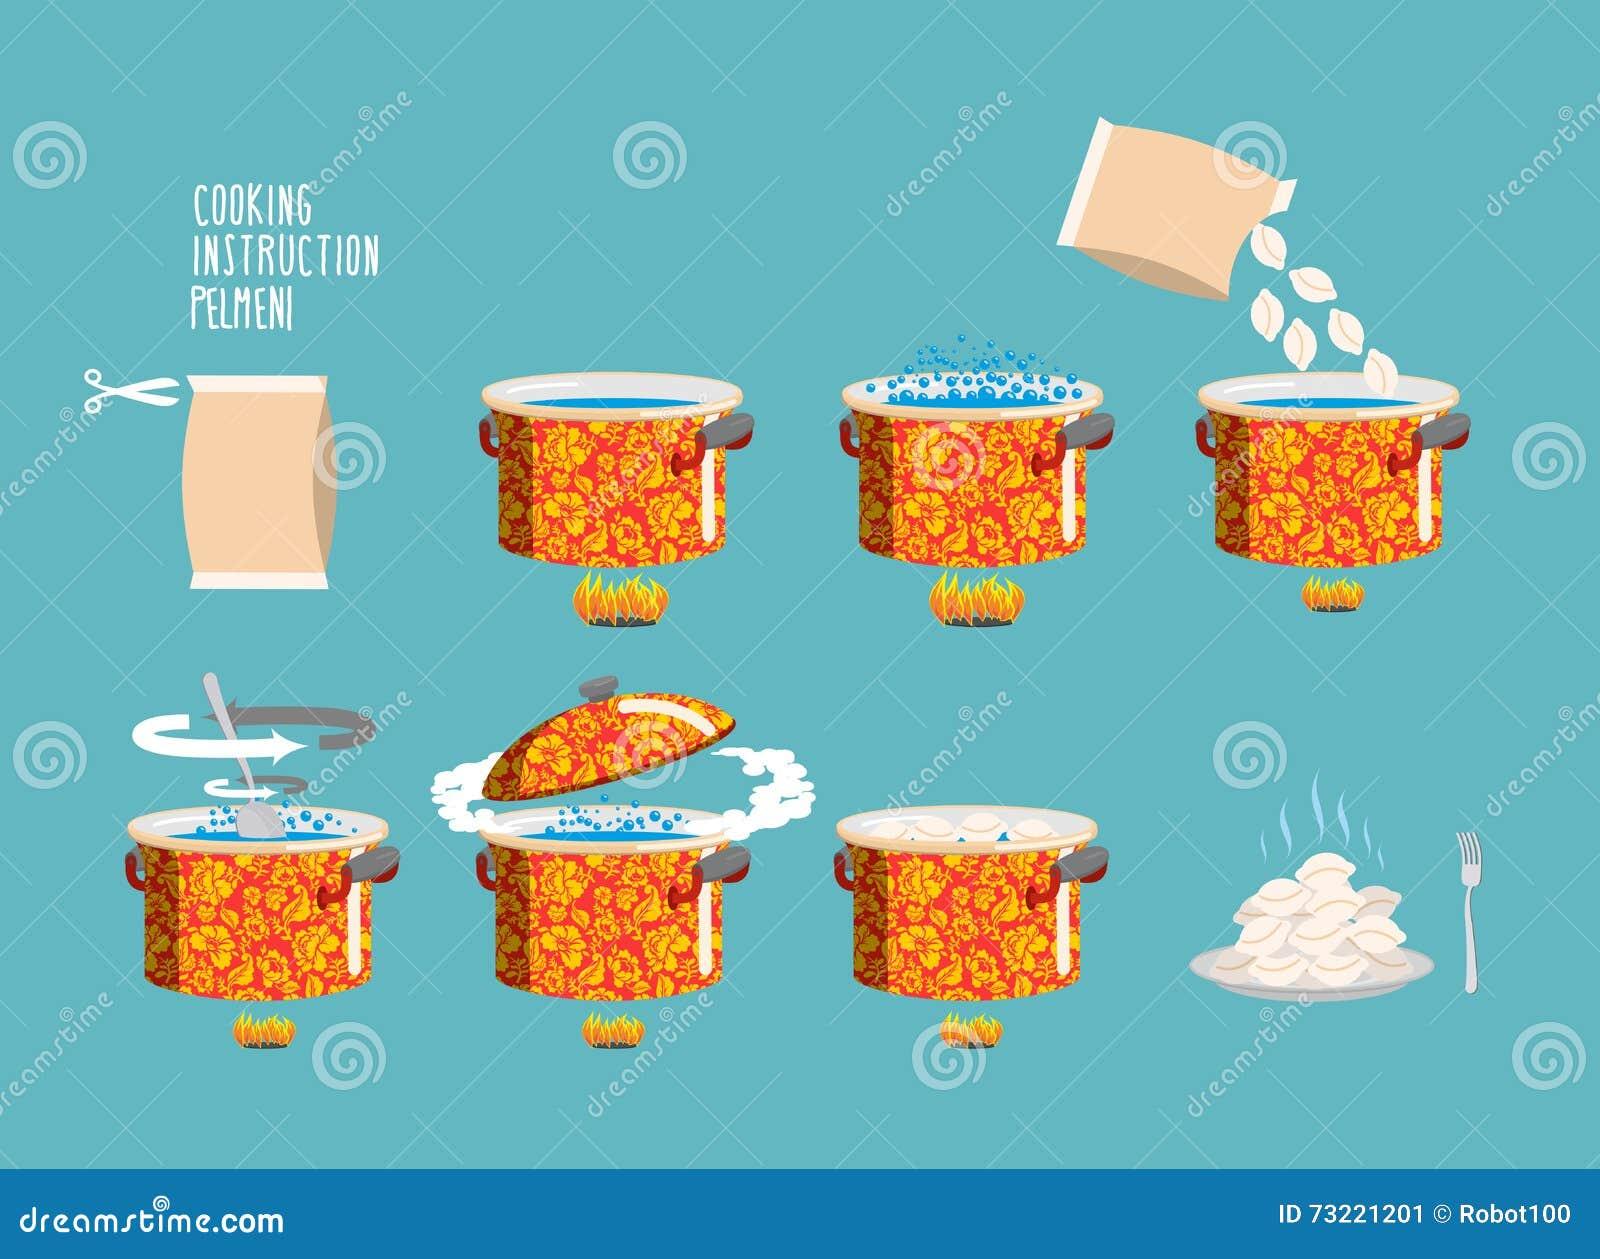 Pelmeni kulinarna instrukcja Domowego kucharstwa przepis Kulinarny przepis